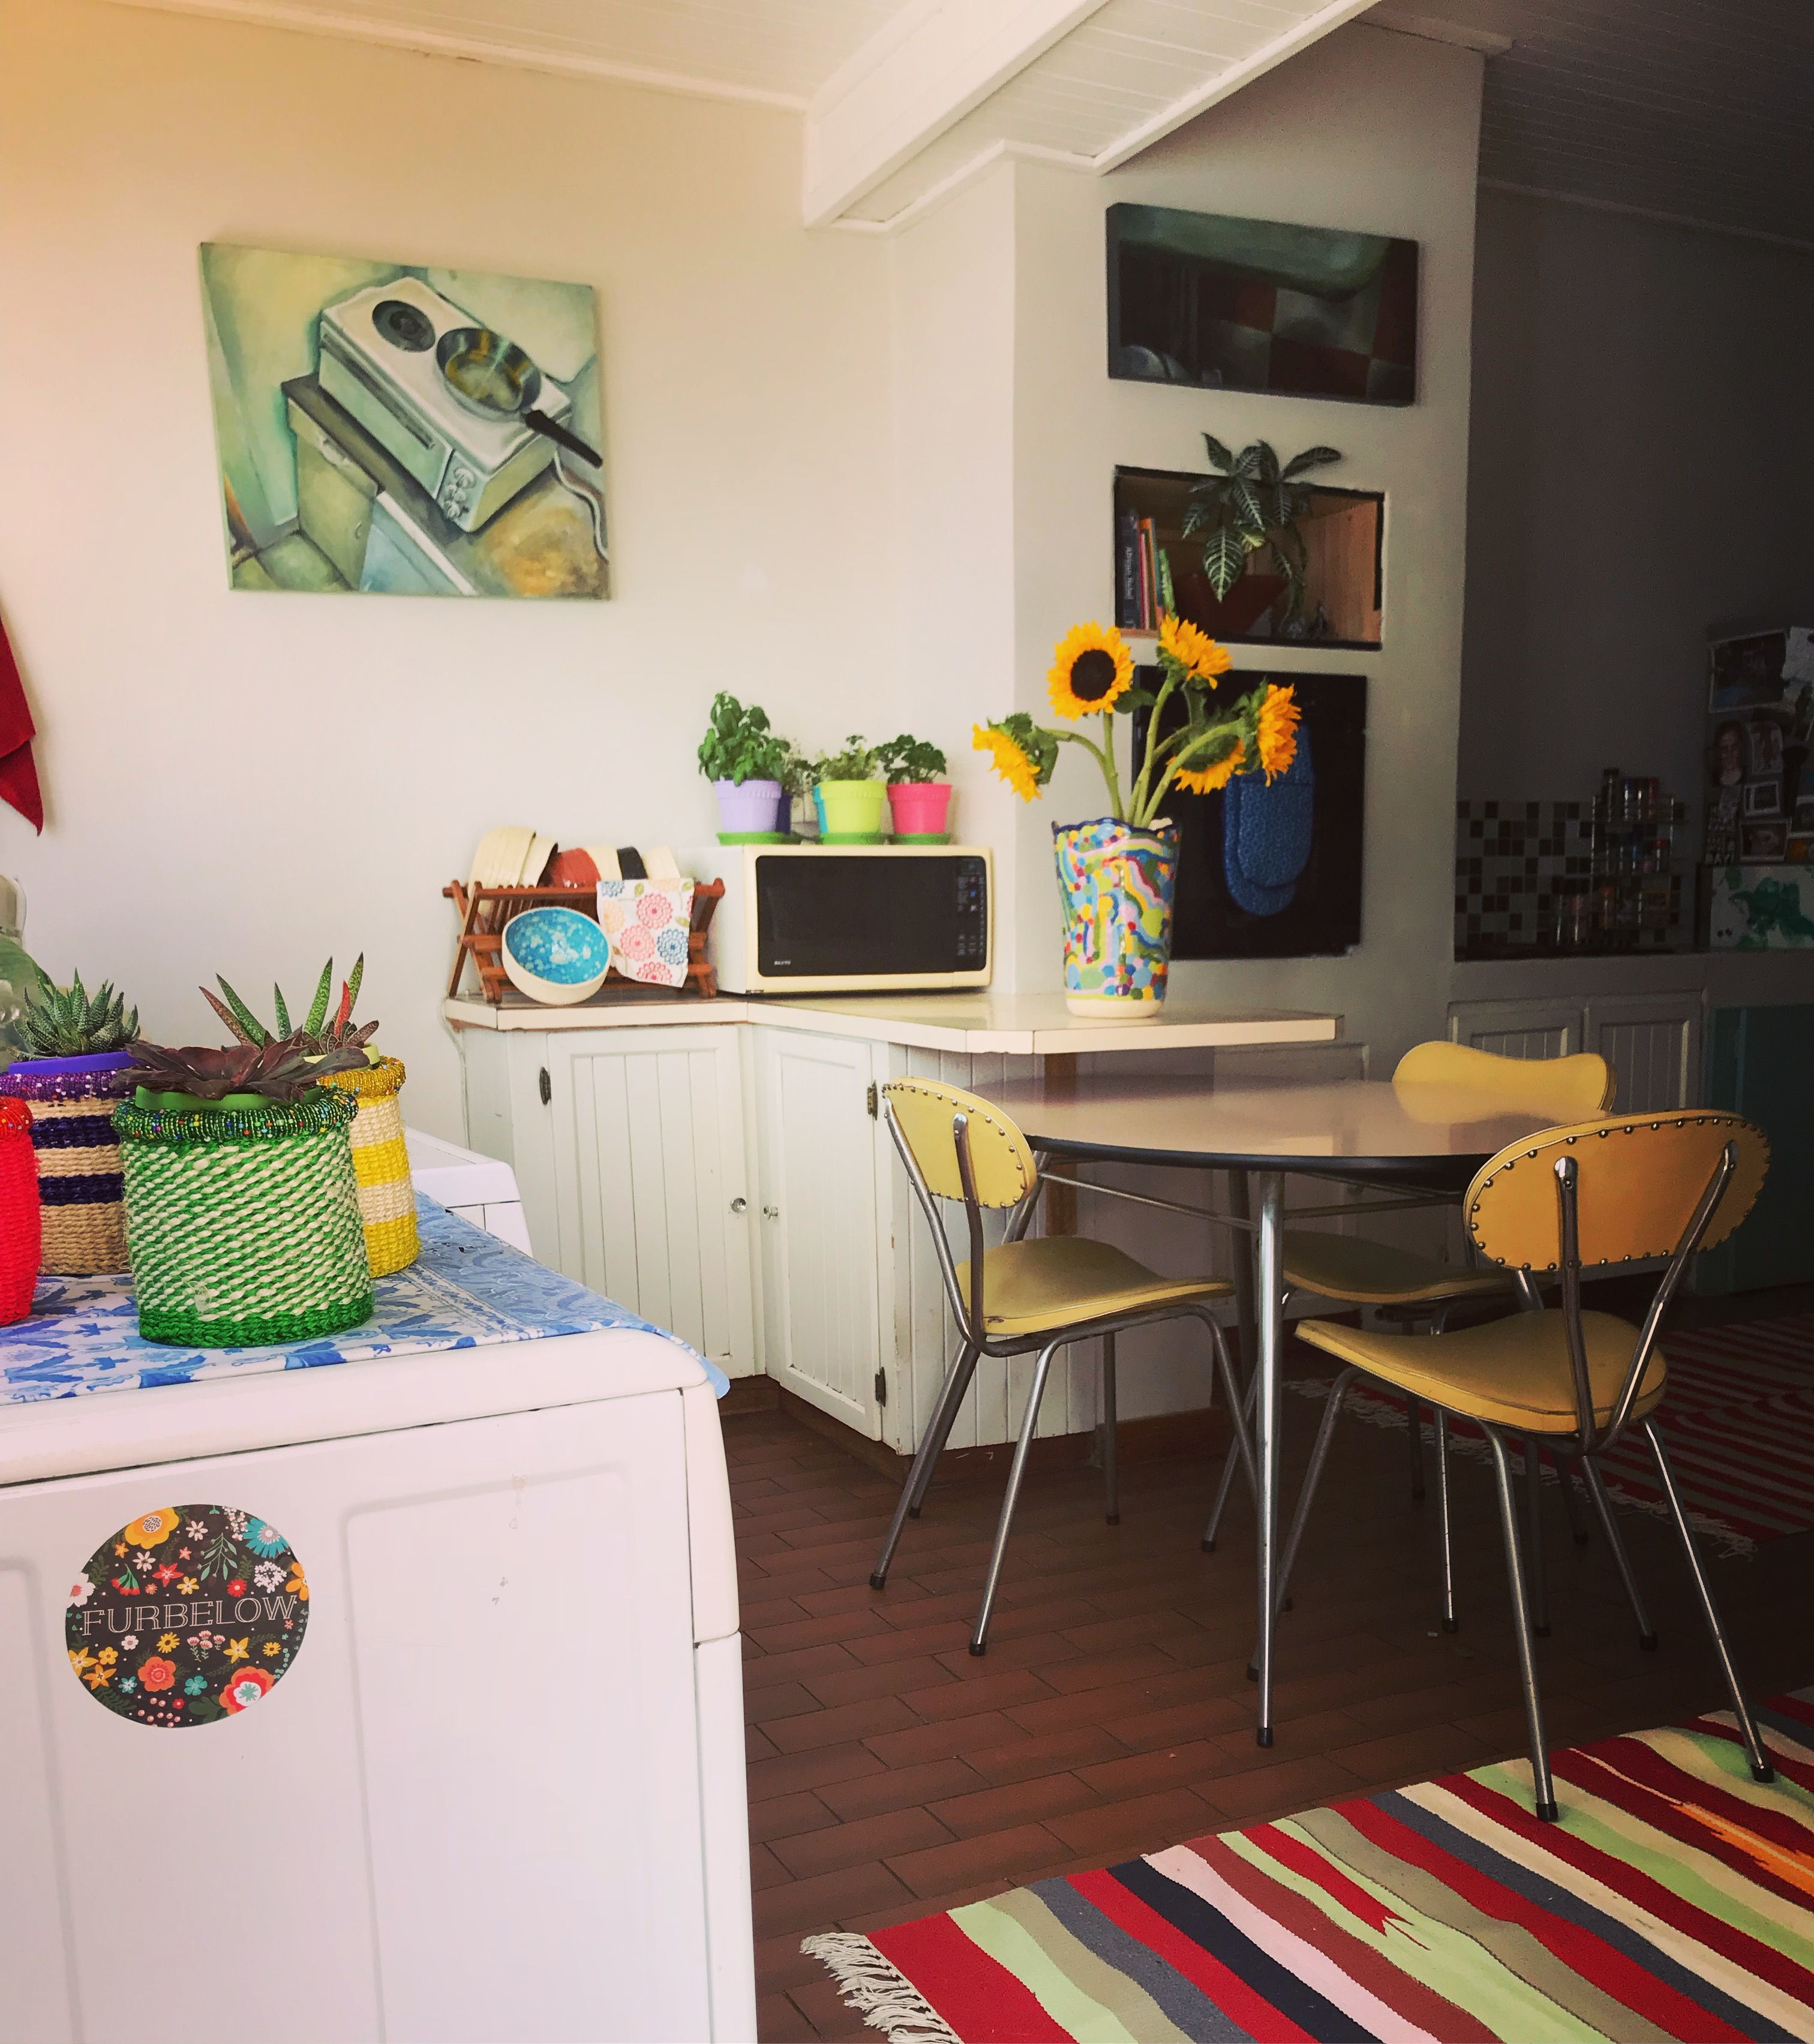 boho kitchen bohointeriors gypseydecor bohoglam boho bohemianstyle bohostyle on boho chic kitchen table id=35719